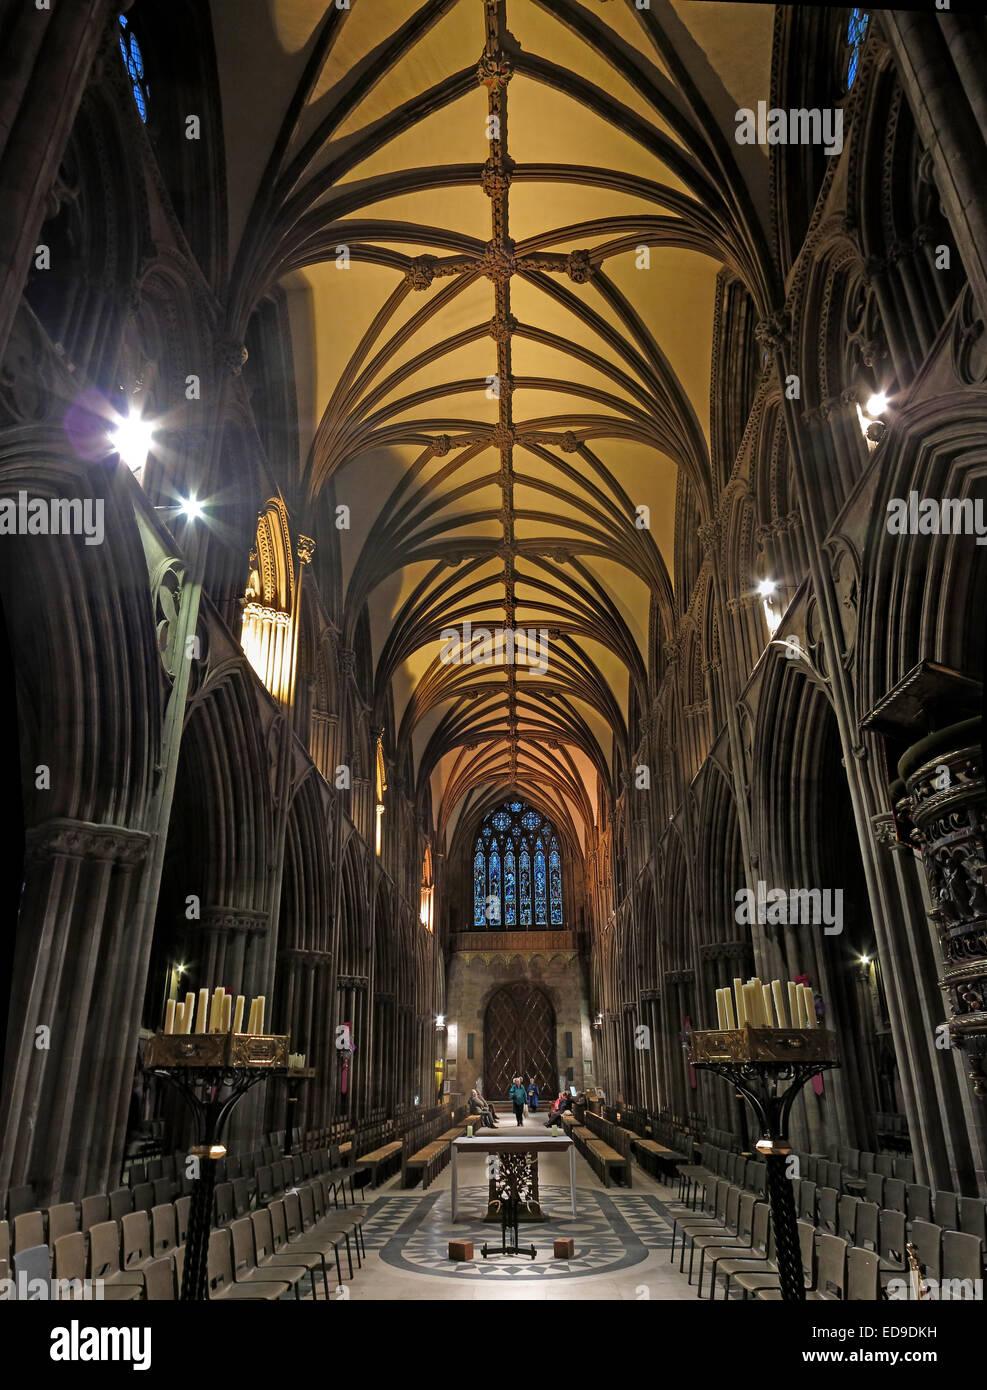 Laden Sie dieses Alamy Stockfoto Kathedrale von Lichfield Innenraum Staffordshire bei Dämmerung, England, UK - ED9DKH